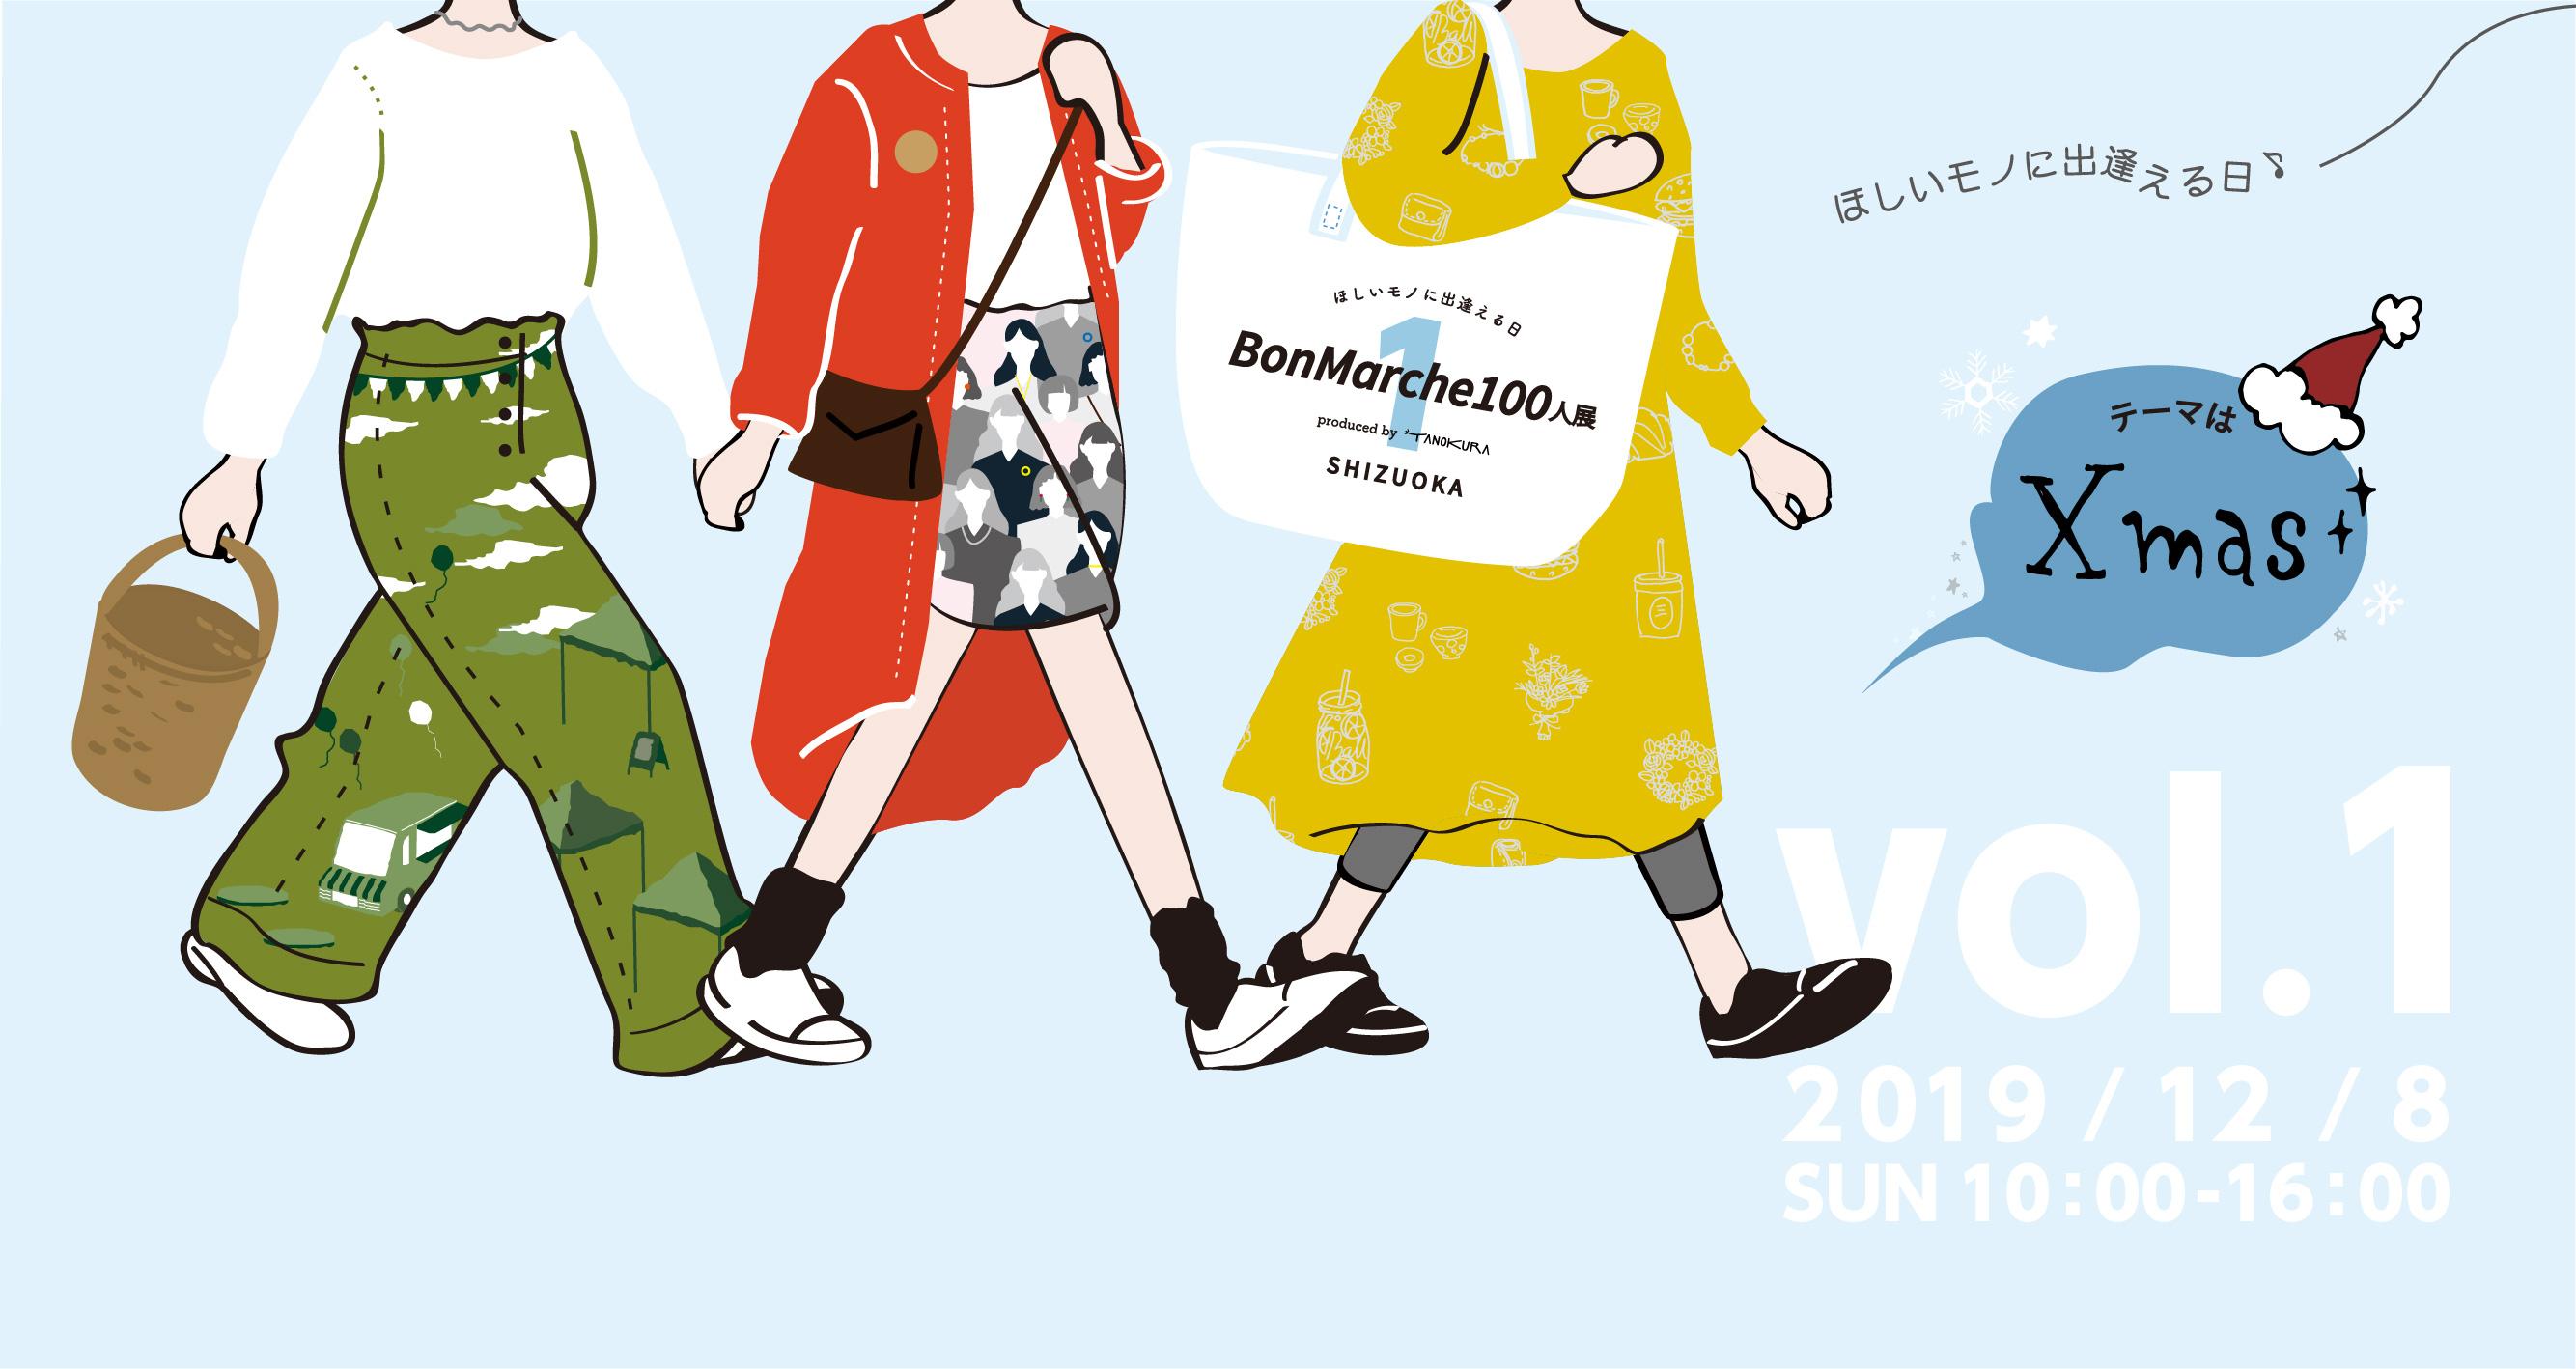 【開催終了】BonMarche100人展in静岡に遊びに行こう!